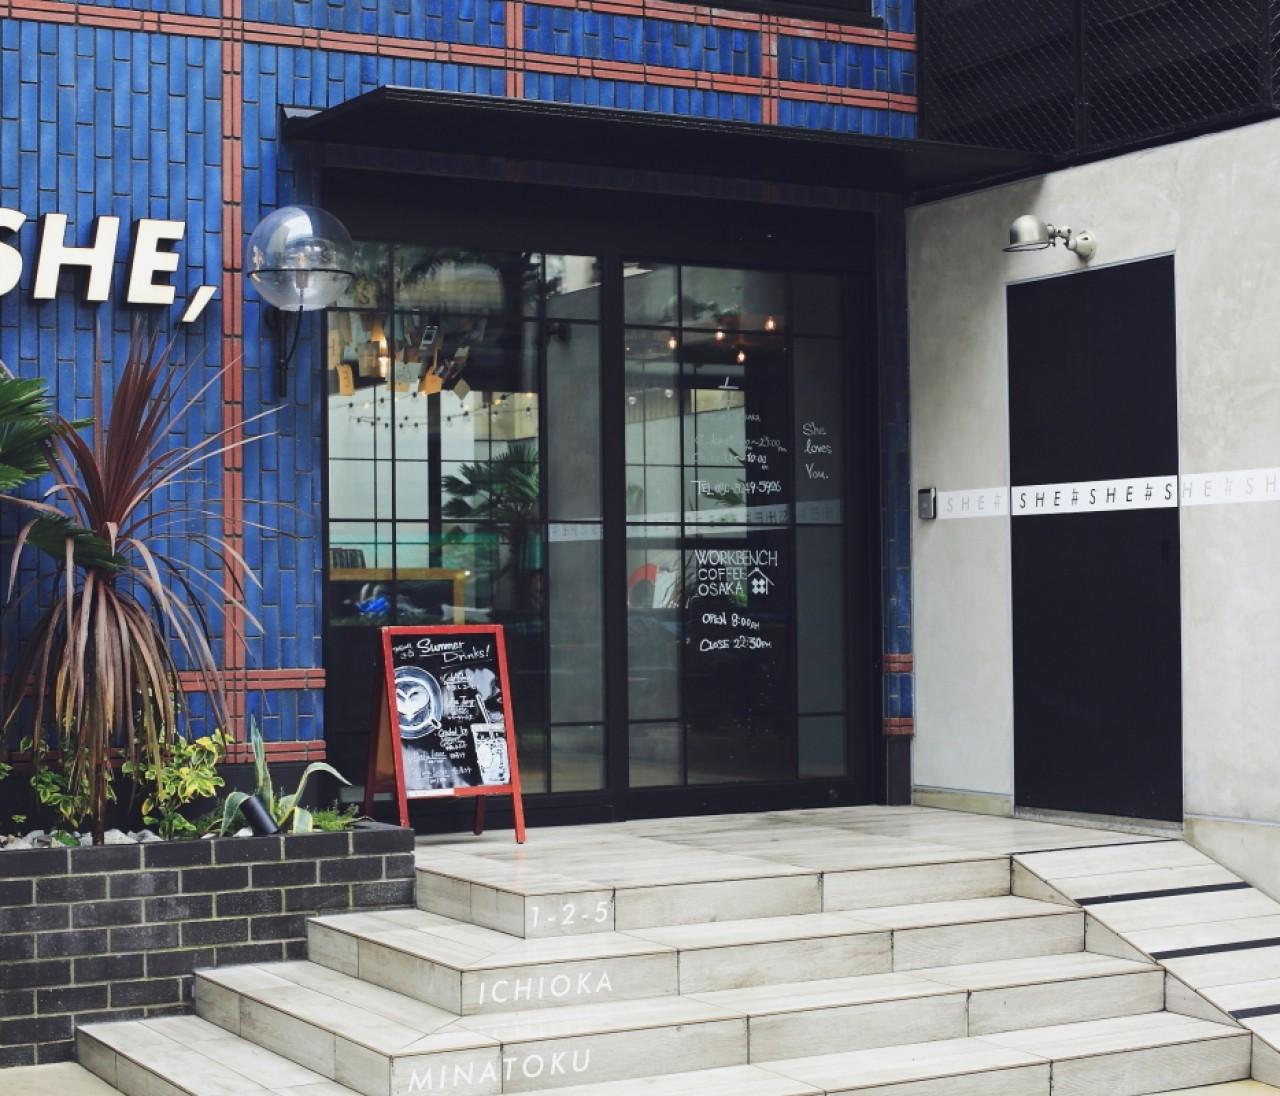 アナログ×トレンドのハイブリッドホテル。大阪のコンセプトホテル③【関西のイケスポ】